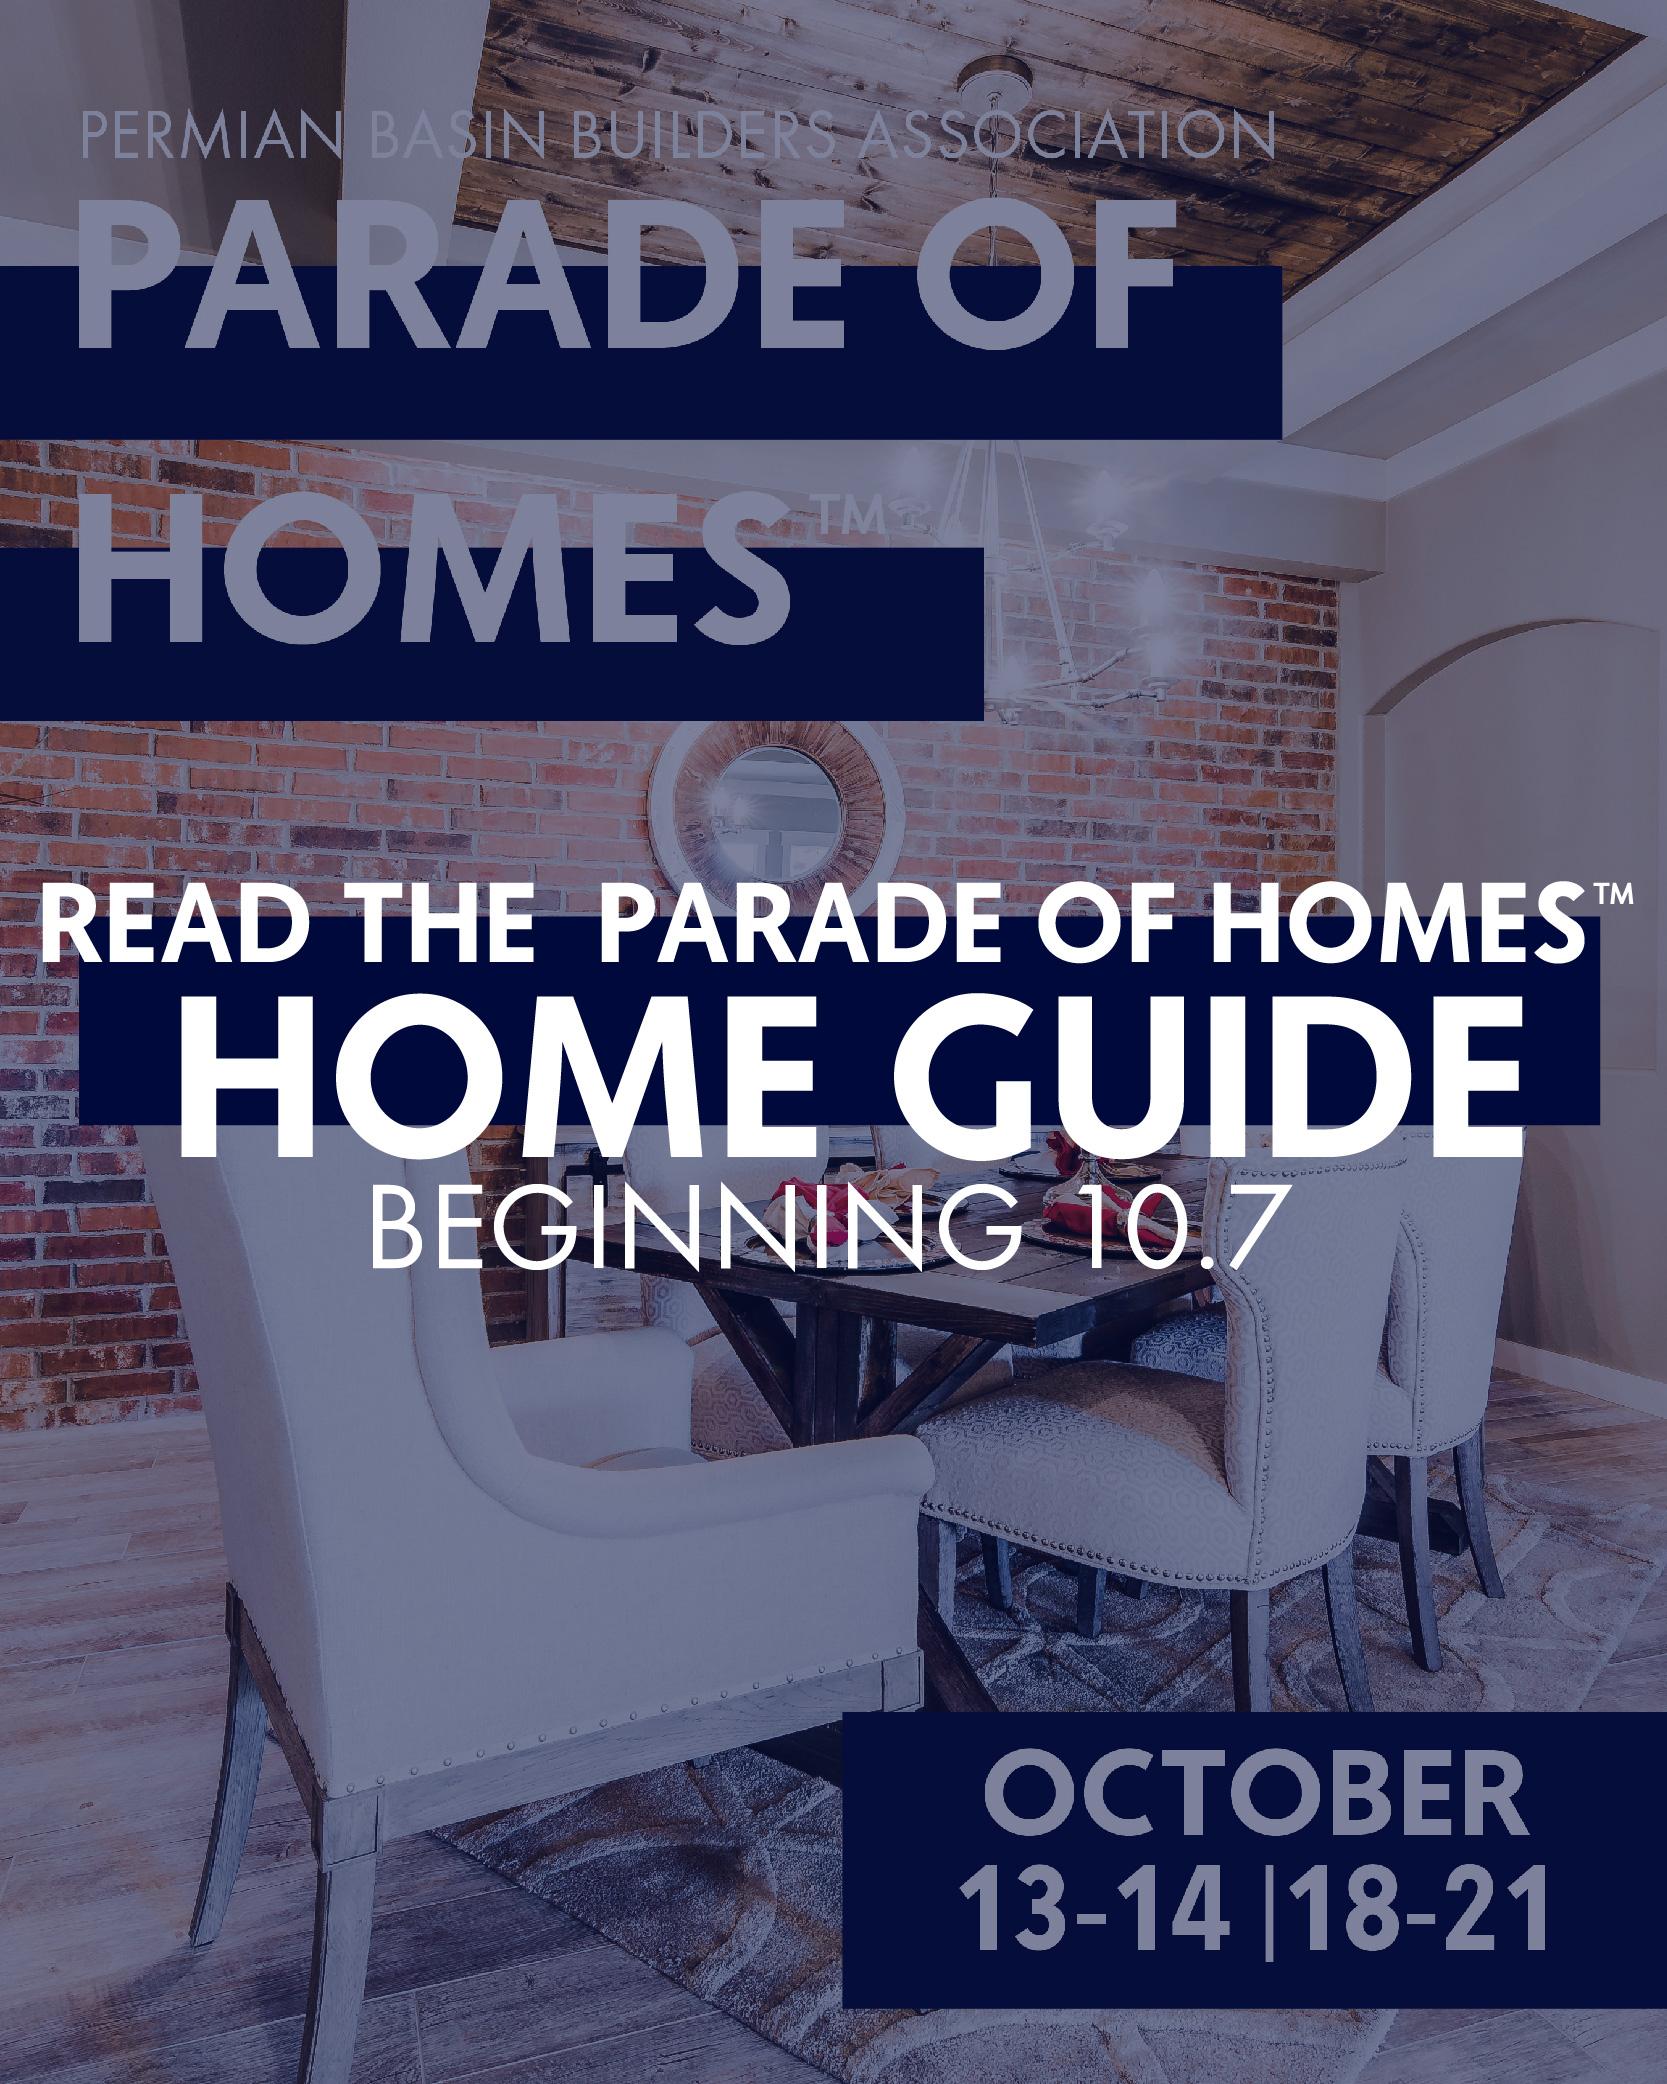 HOME-GUIDE-01-01.jpg